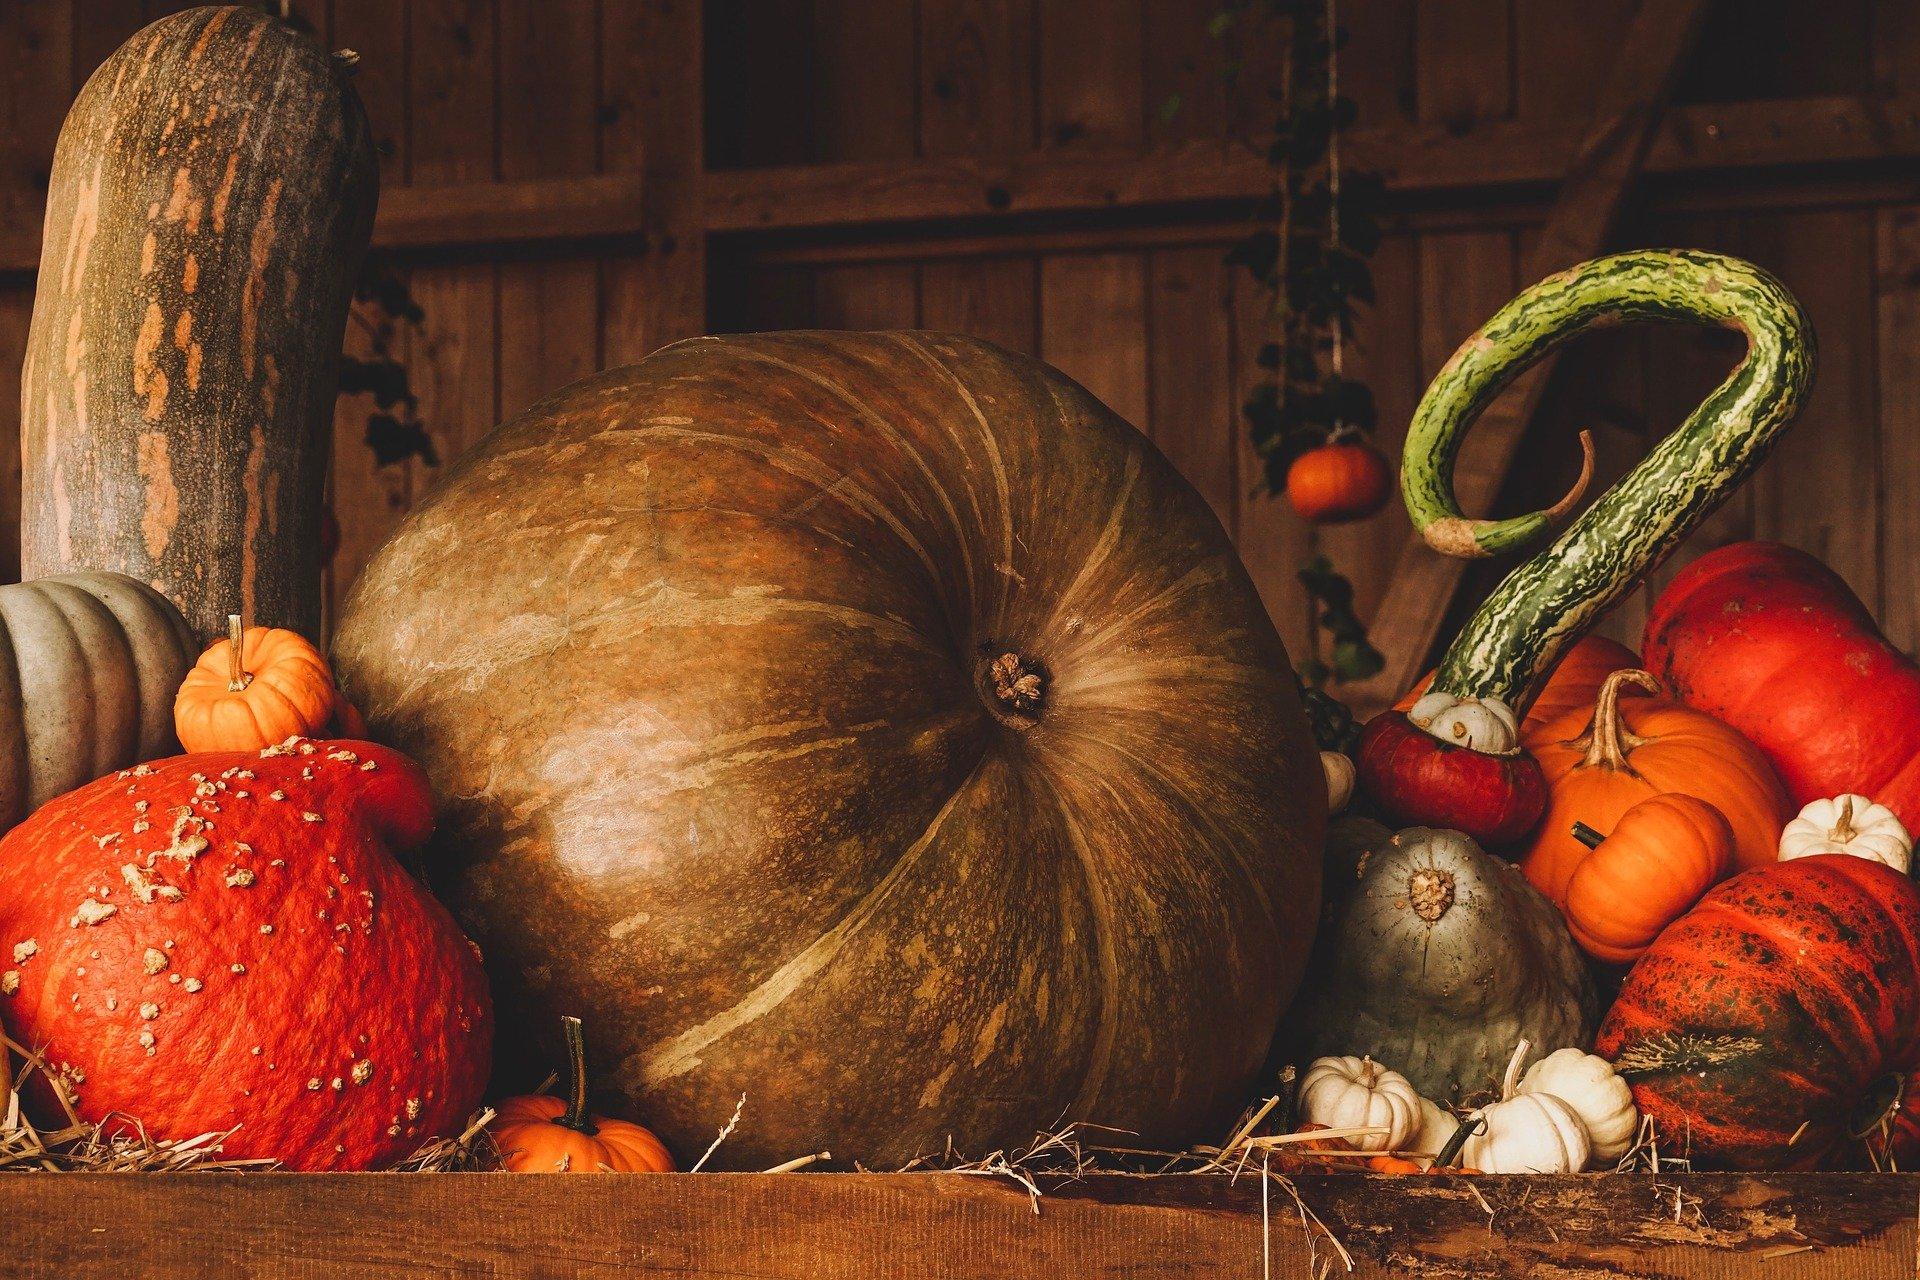 pumpkin-3698130_1920